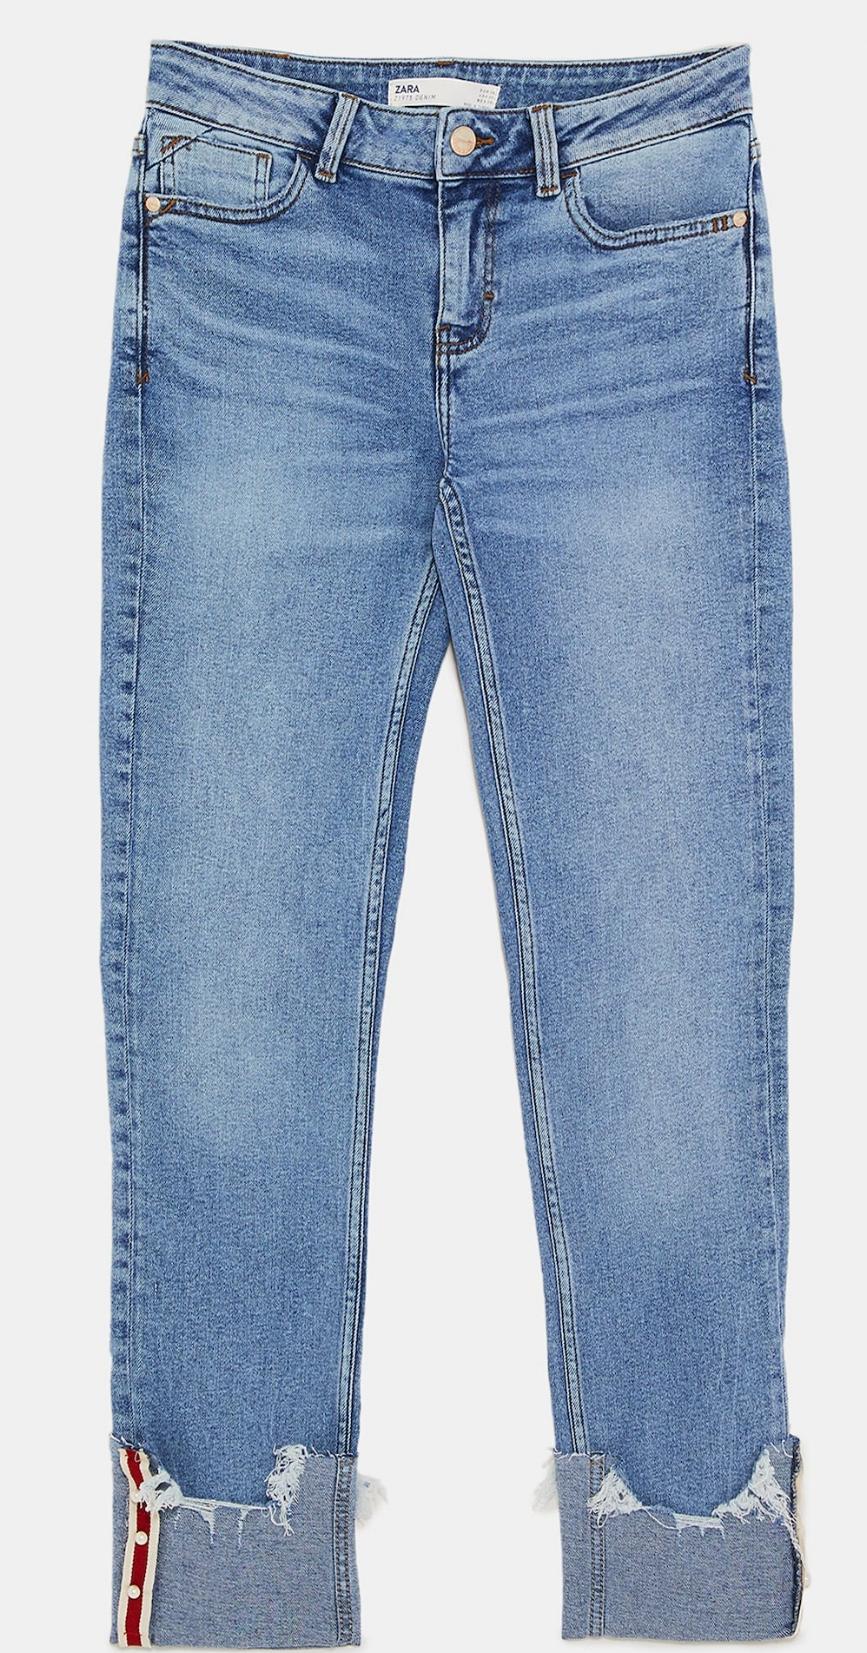 zara rolled jeans.jpg